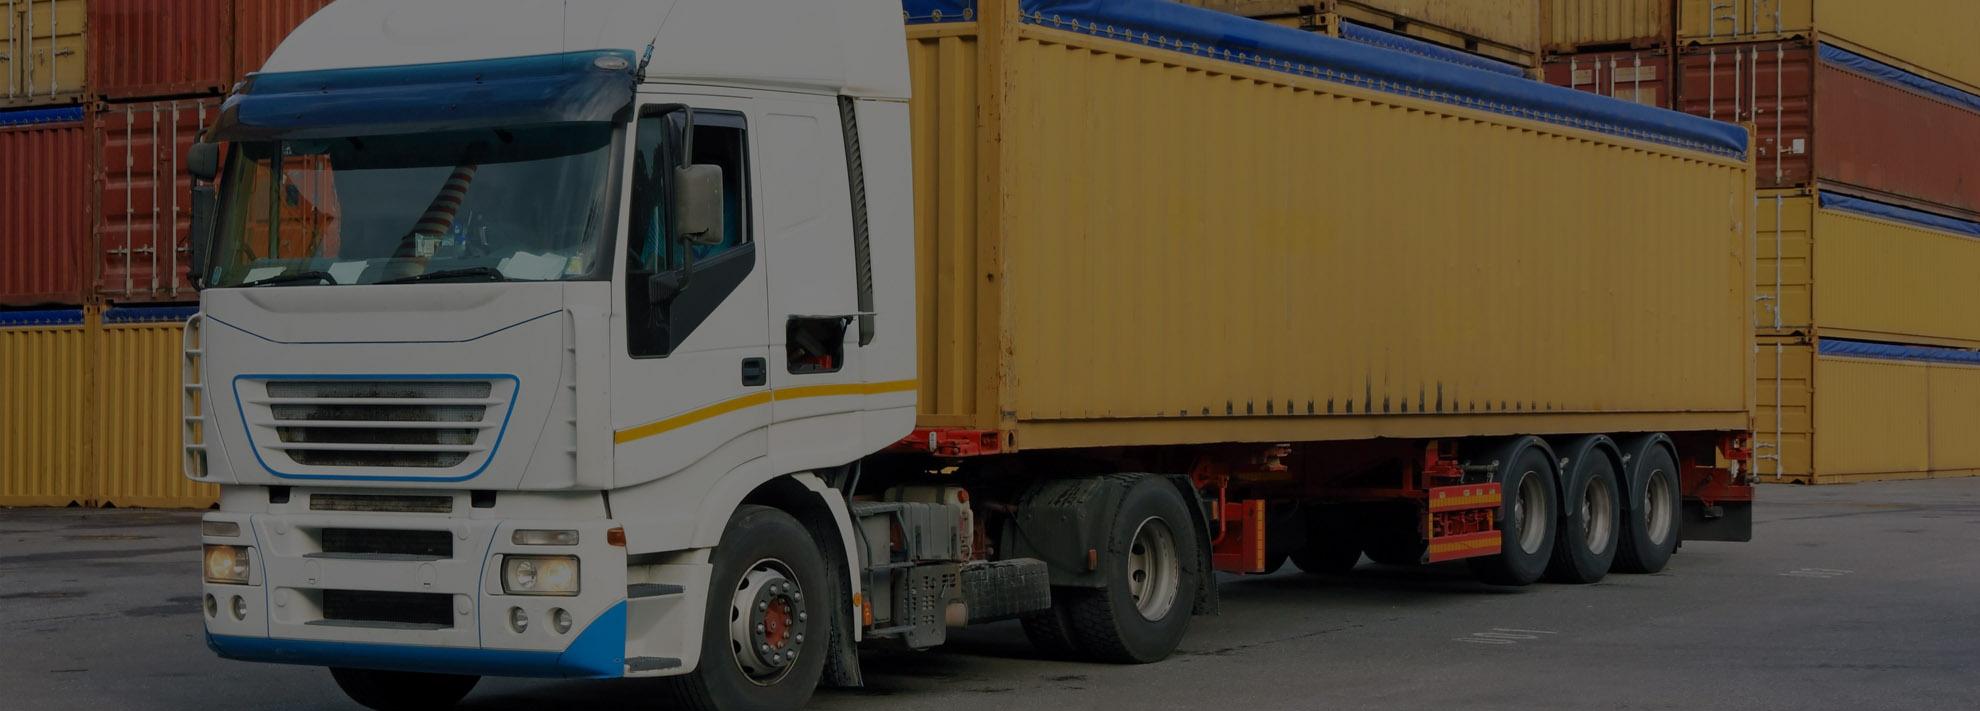 Riscuri în transport și metode de creștere a siguranței